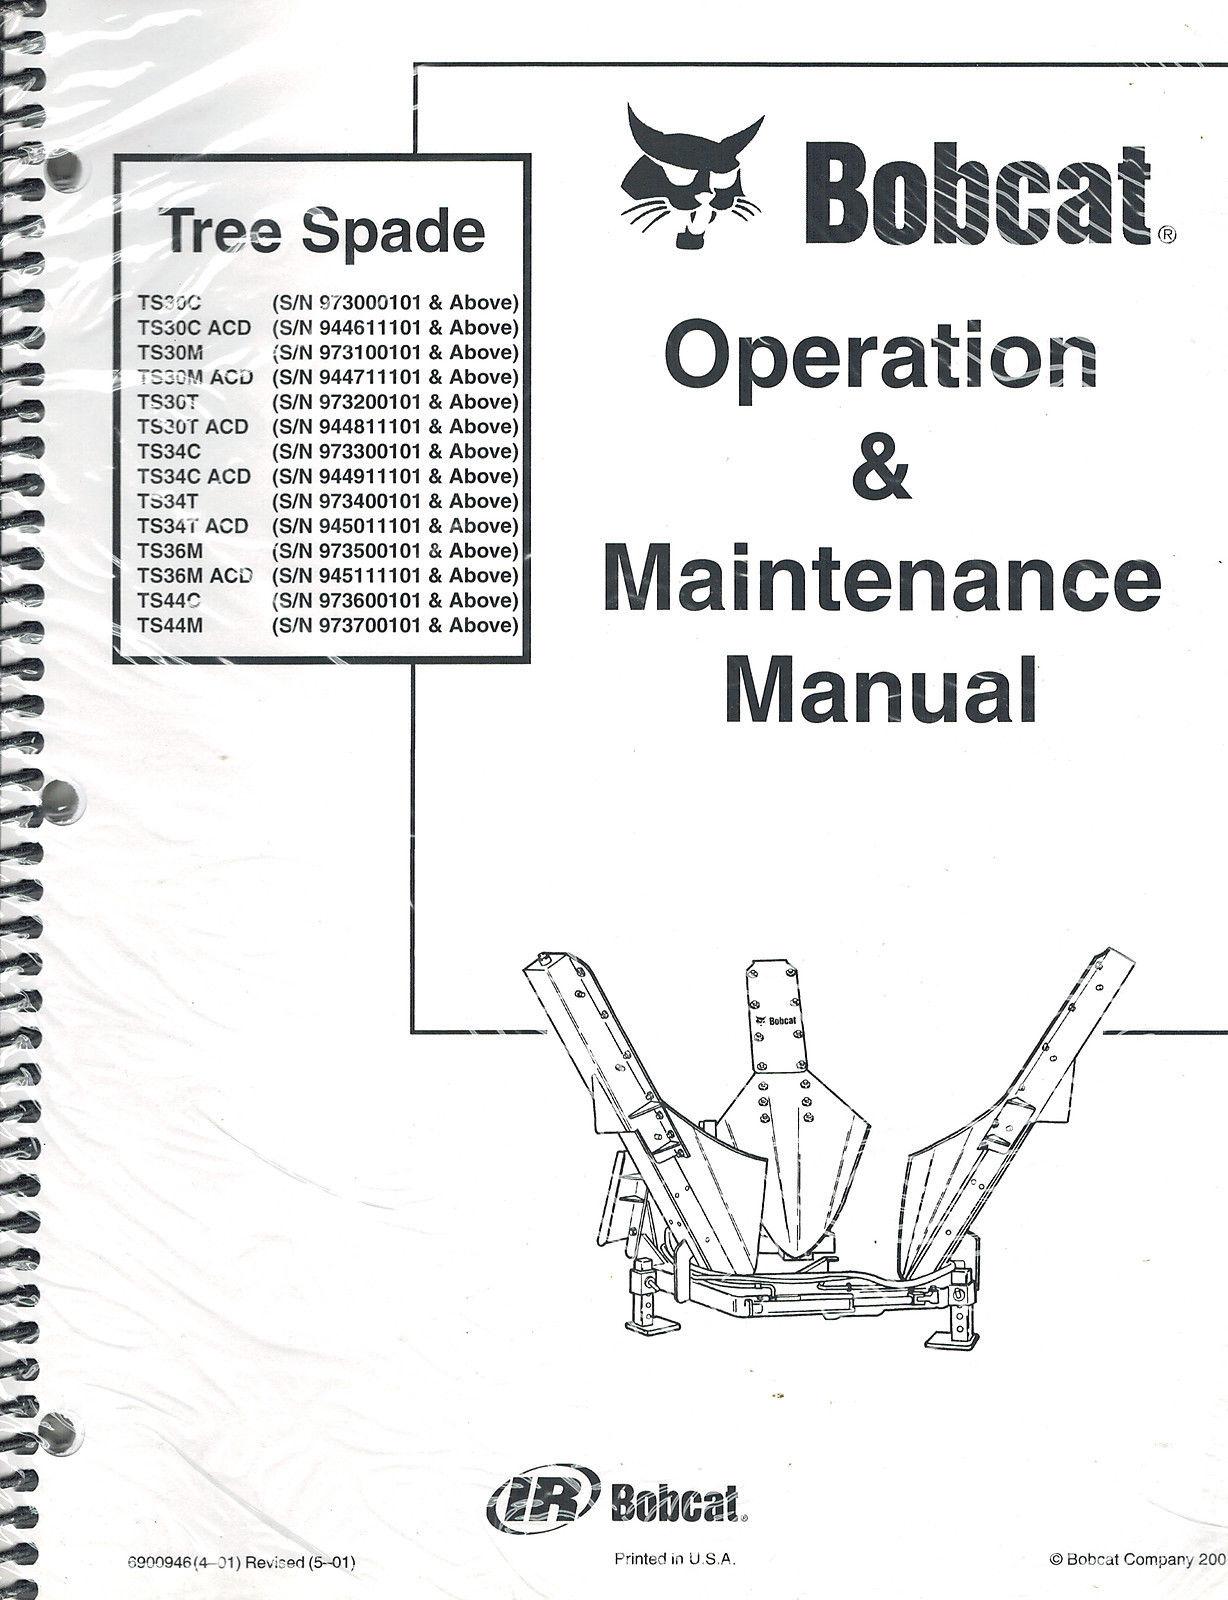 Bobcat TS30C